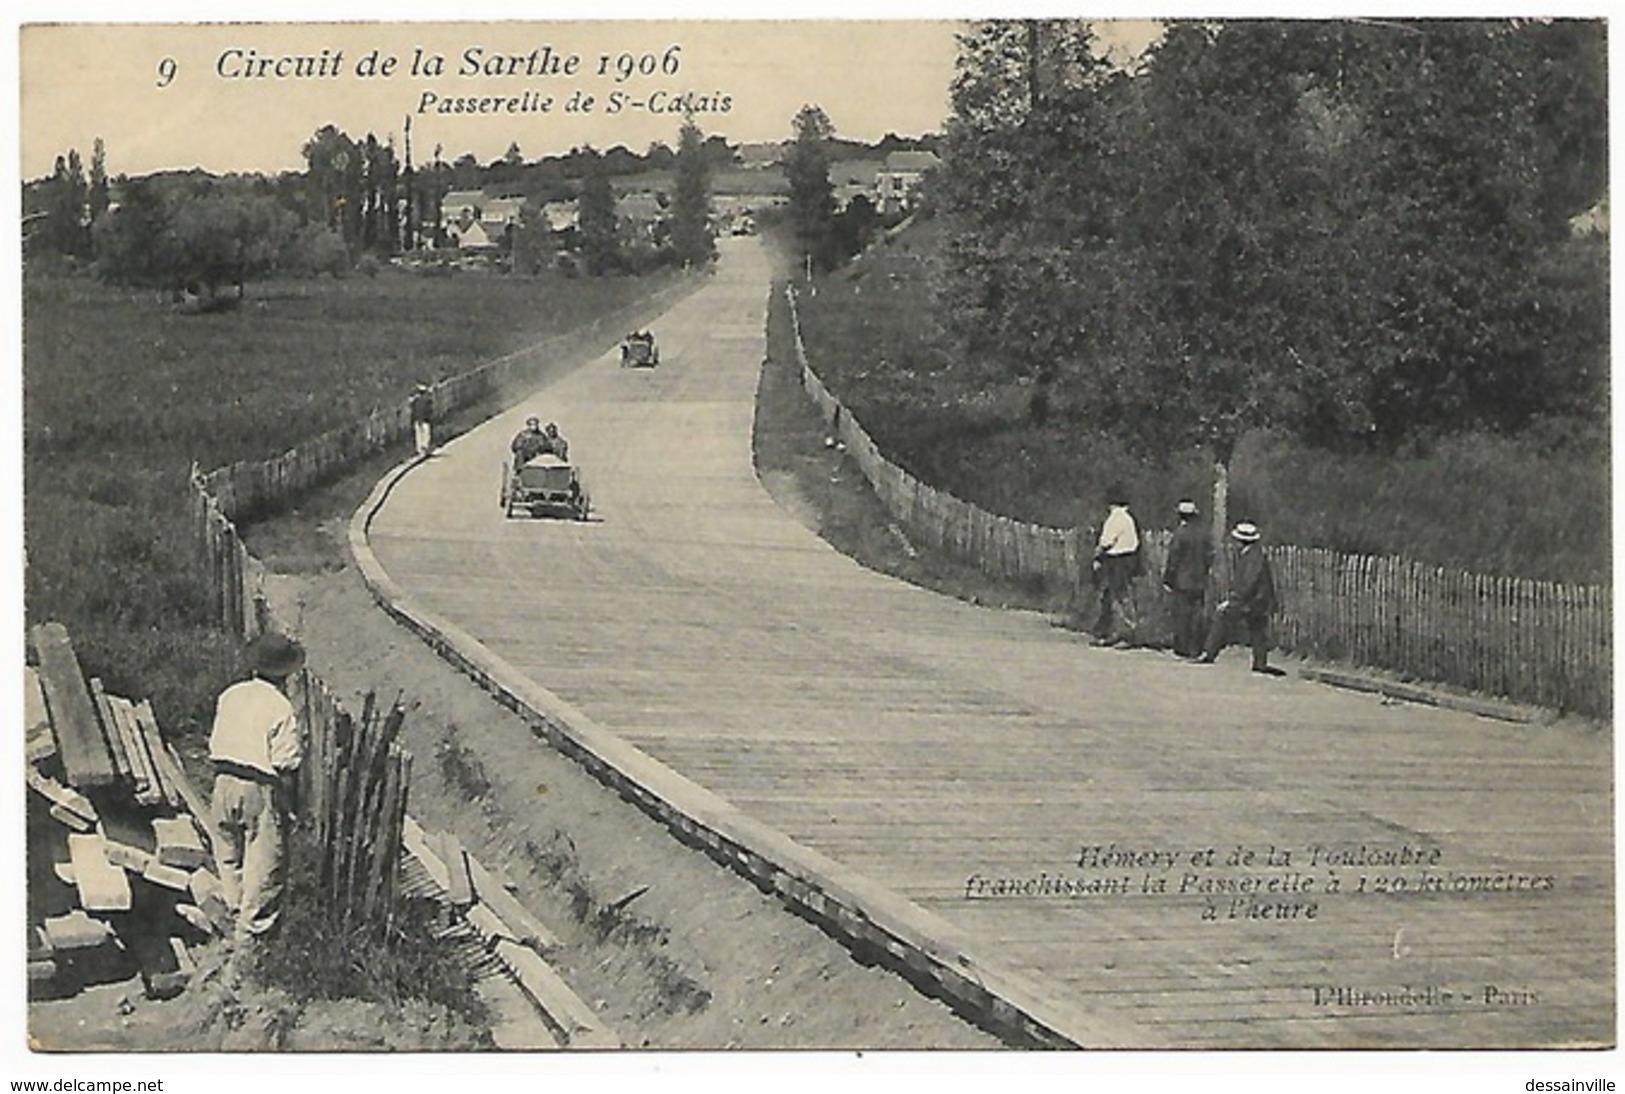 Circuit De La Sarthe 1906  Passerelle De St Calais HEMERY Et DE LA TOULOUBRE Franchissant La Passerelle à 120 Kms/heure - Automovilismo